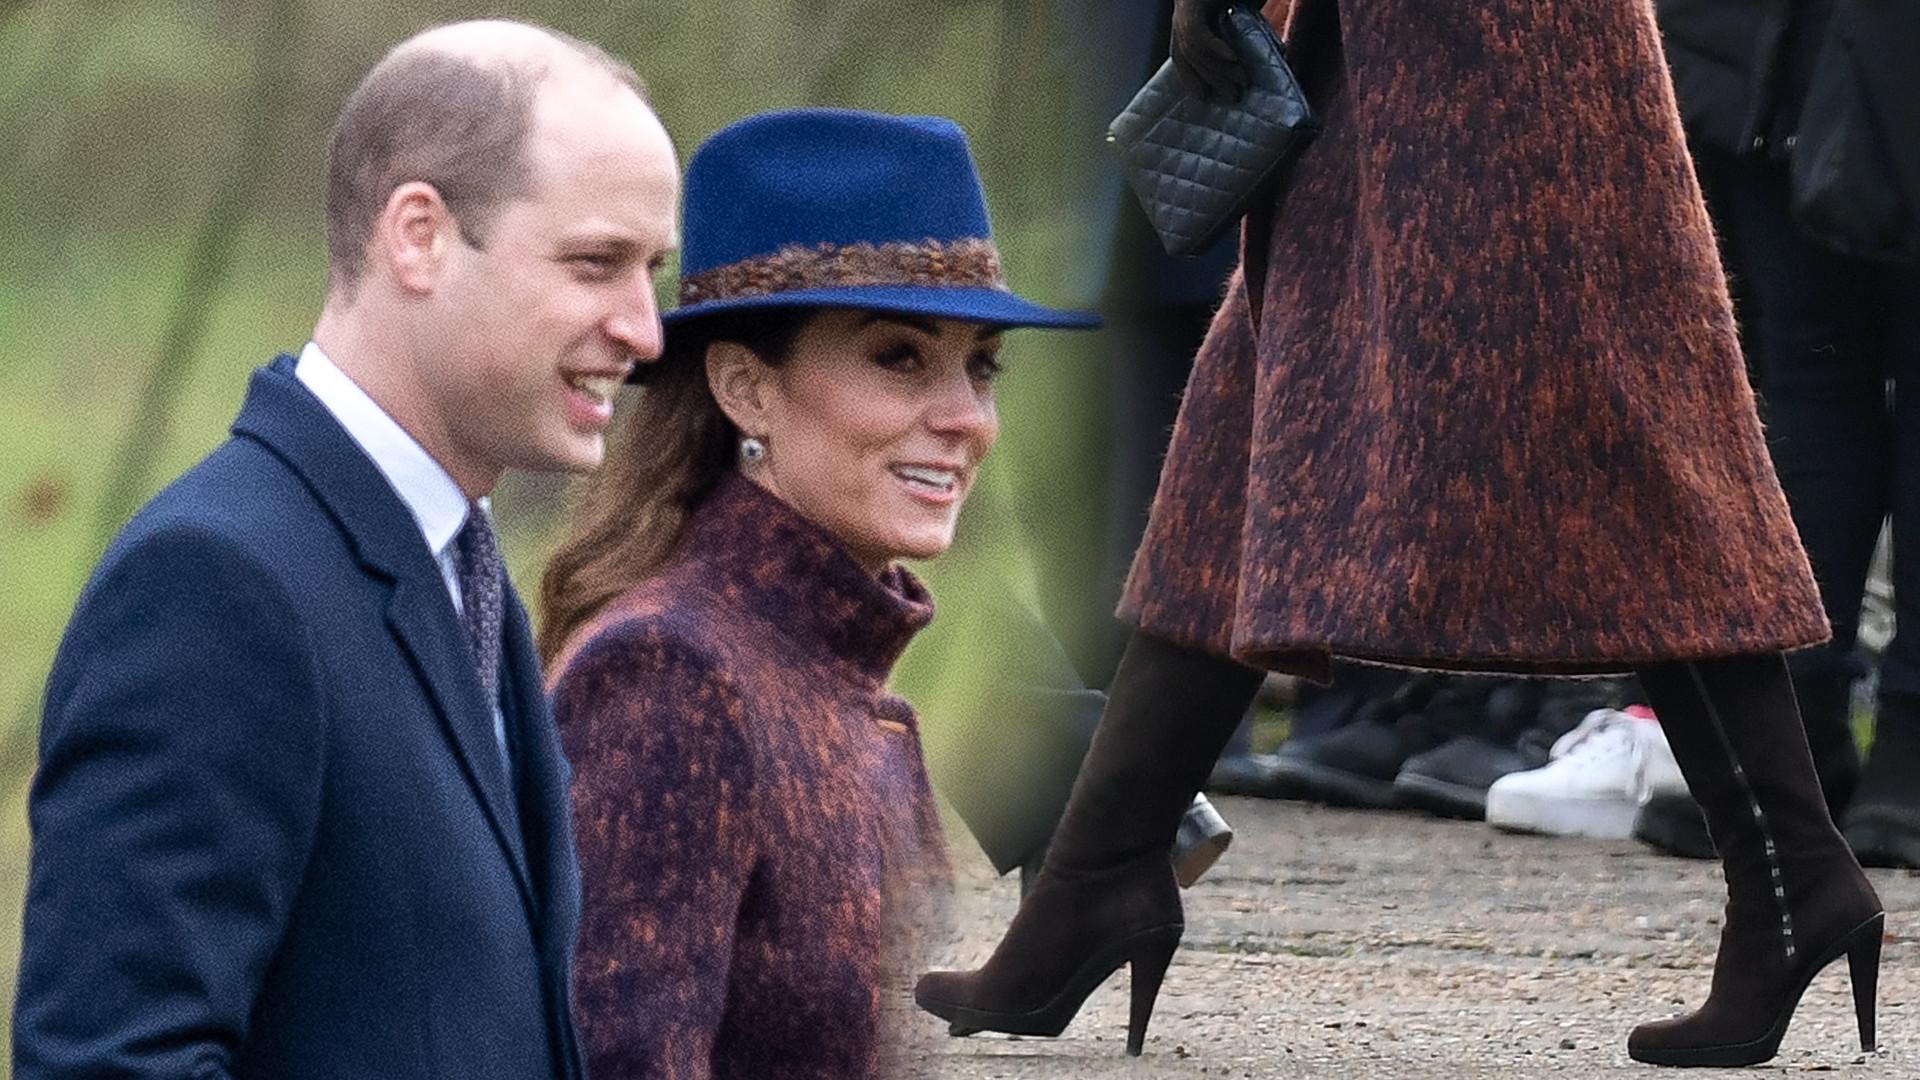 Księżna Kate w kościele z księciem Williamem. Pojawiła się też jego rzekoma KOCHANKA